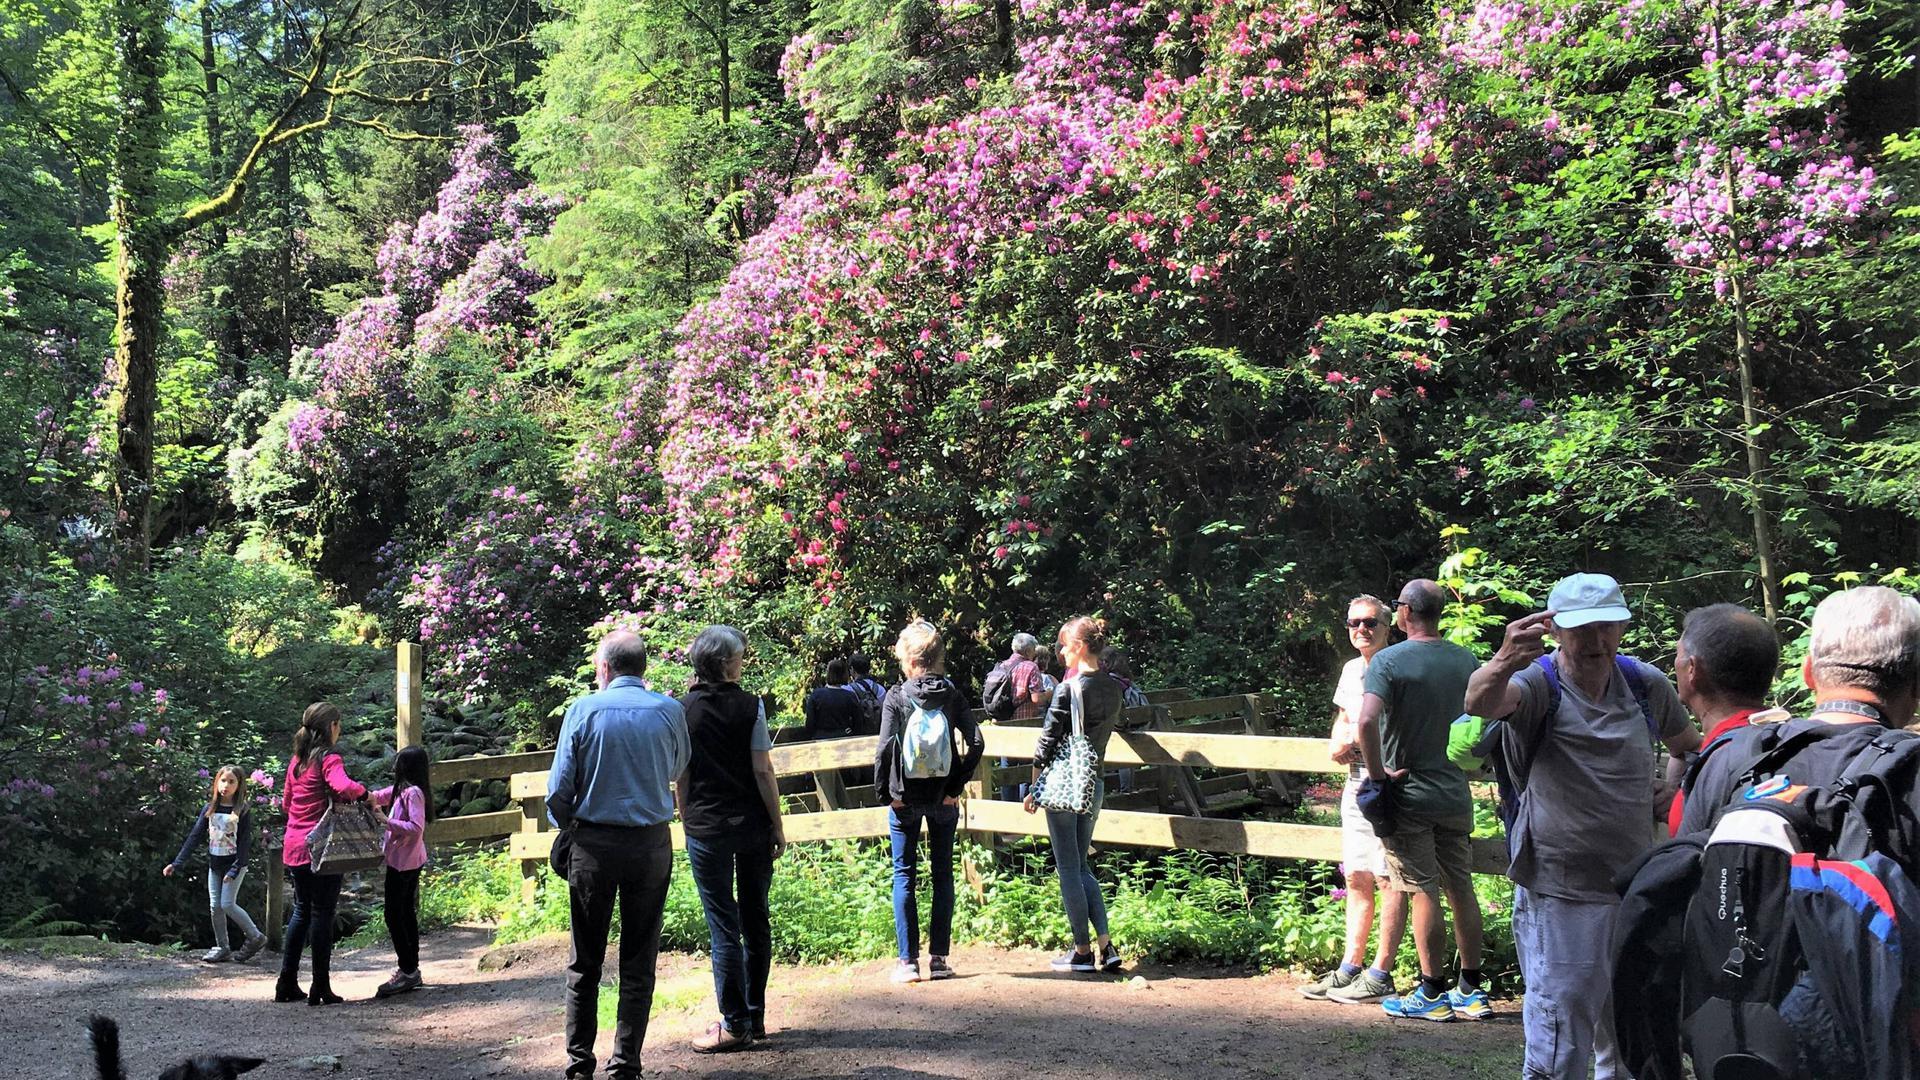 Zahlreiche Ausflügler bestauenen die Rhododendronblüte am Geroldsauer Wasserfall bei Baden-Baden.